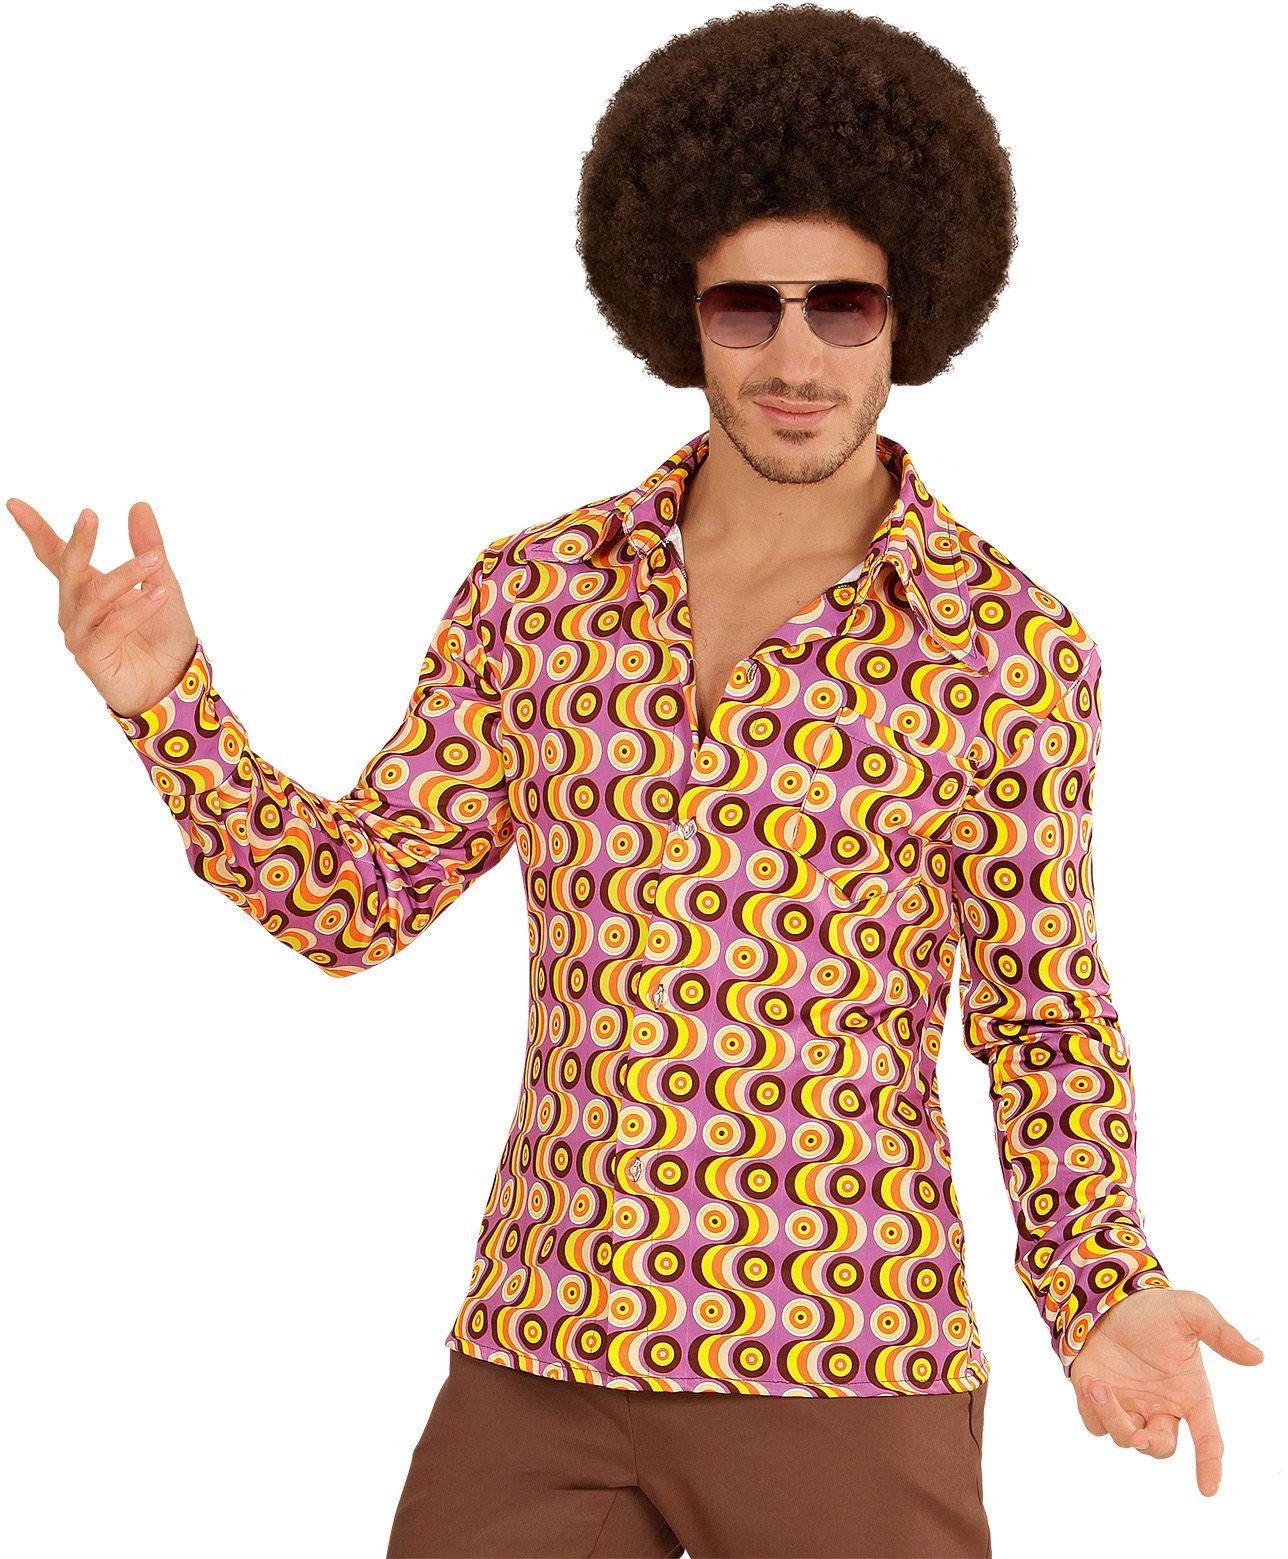 70s groovy shirt